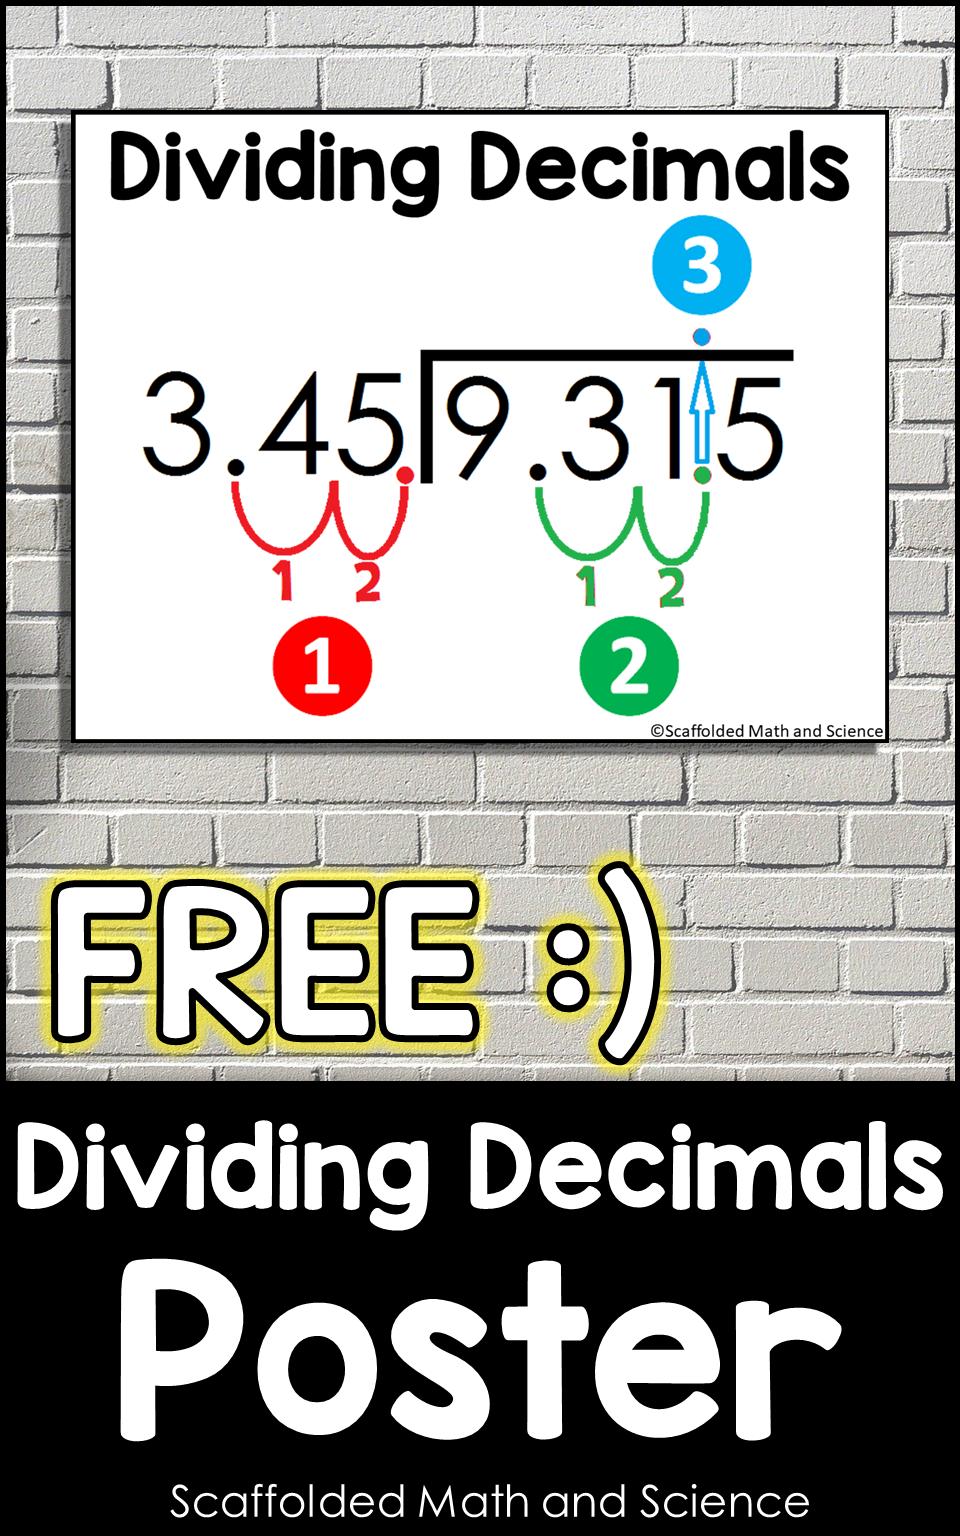 Dividing Decimals Poster Math Words Math Word Walls Math Classroom Posters [ 1536 x 960 Pixel ]